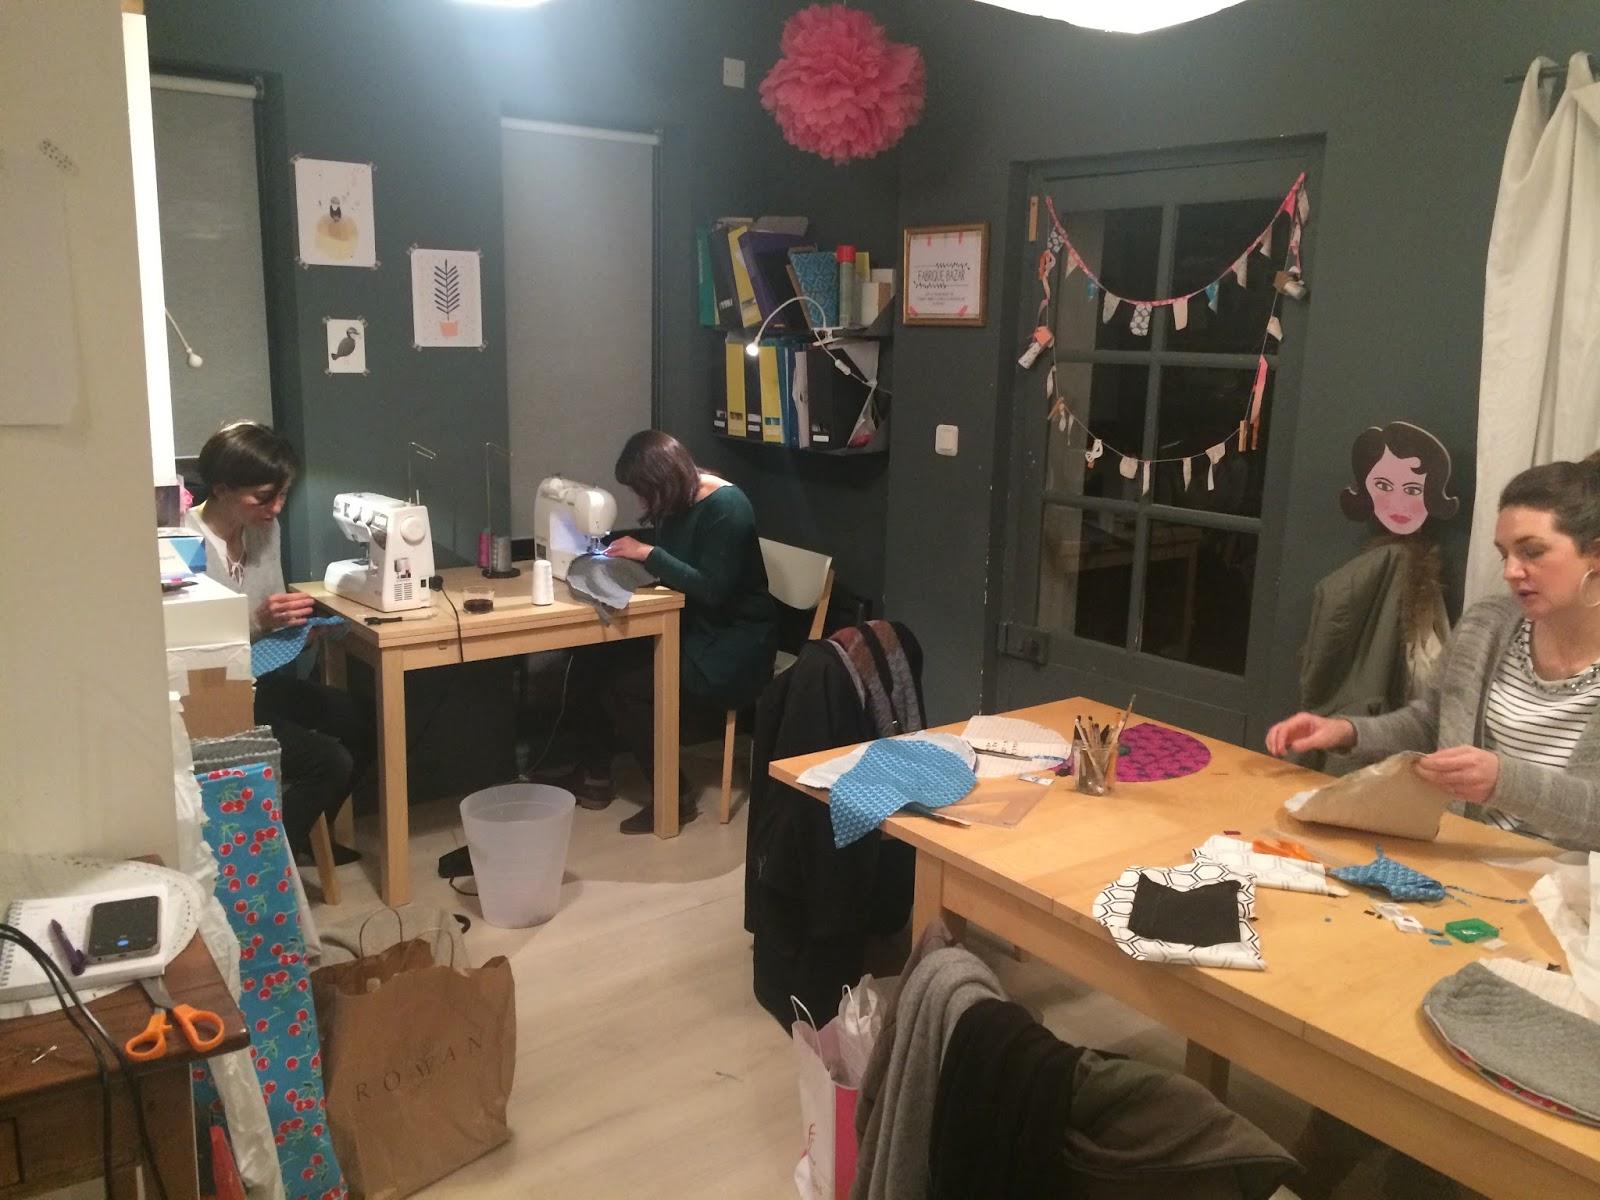 atelier de couture ludique et cr atif l 39 ap ro couture du mois de f vrier la troussede. Black Bedroom Furniture Sets. Home Design Ideas